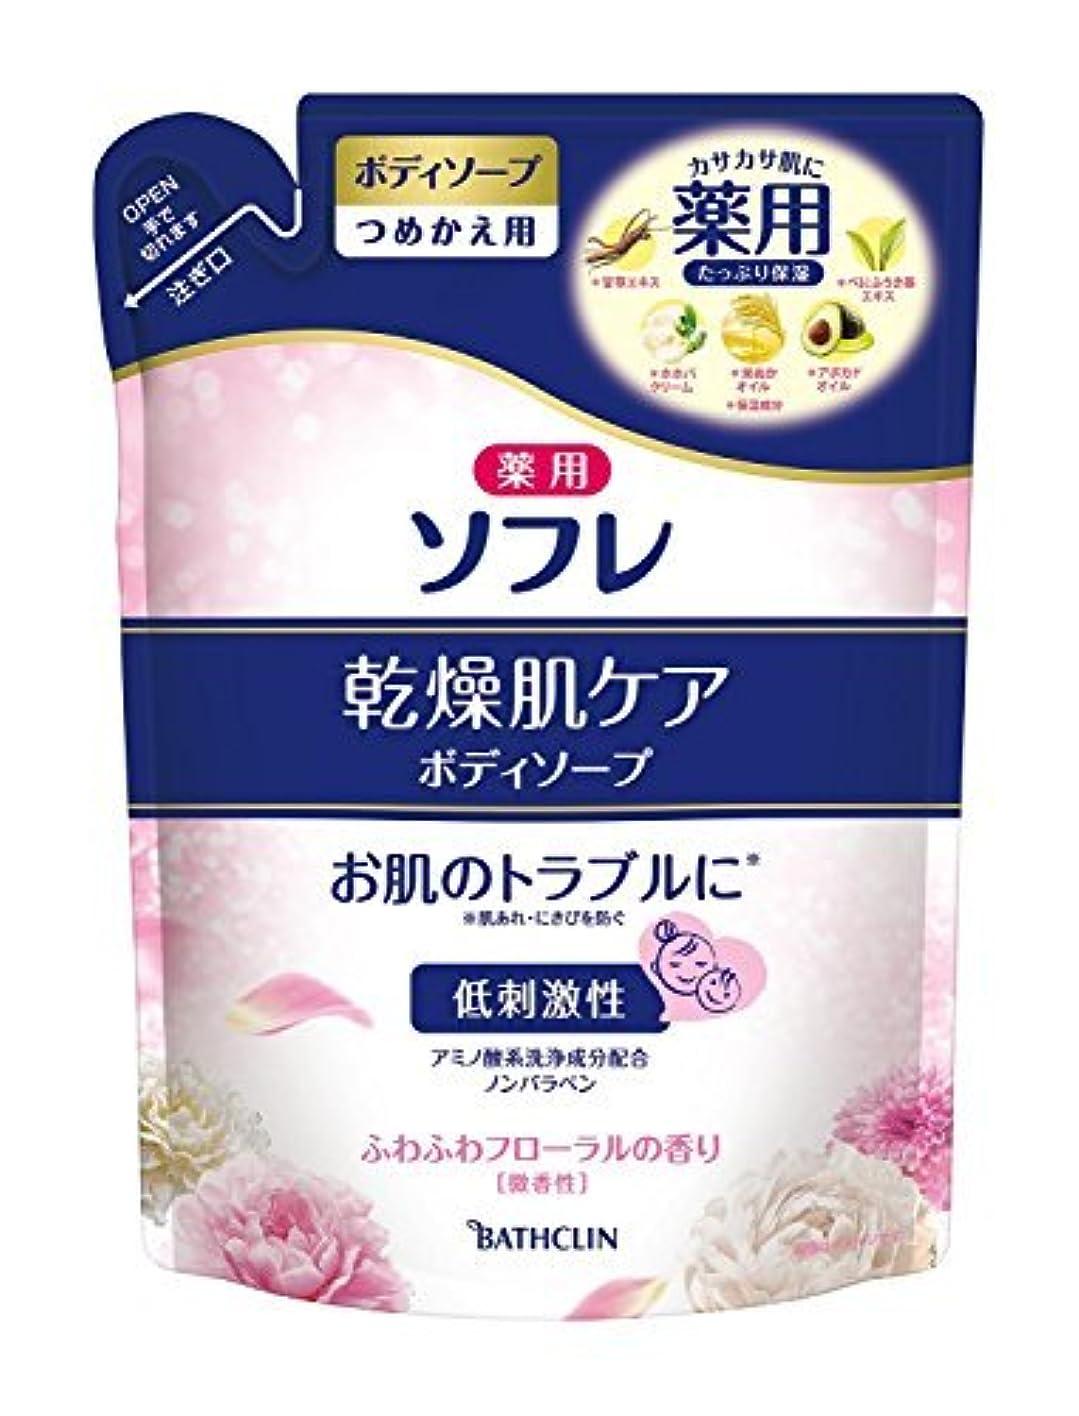 歴史マークされた透過性薬用ソフレ 乾燥肌ケアボディ詰替 × 12個セット